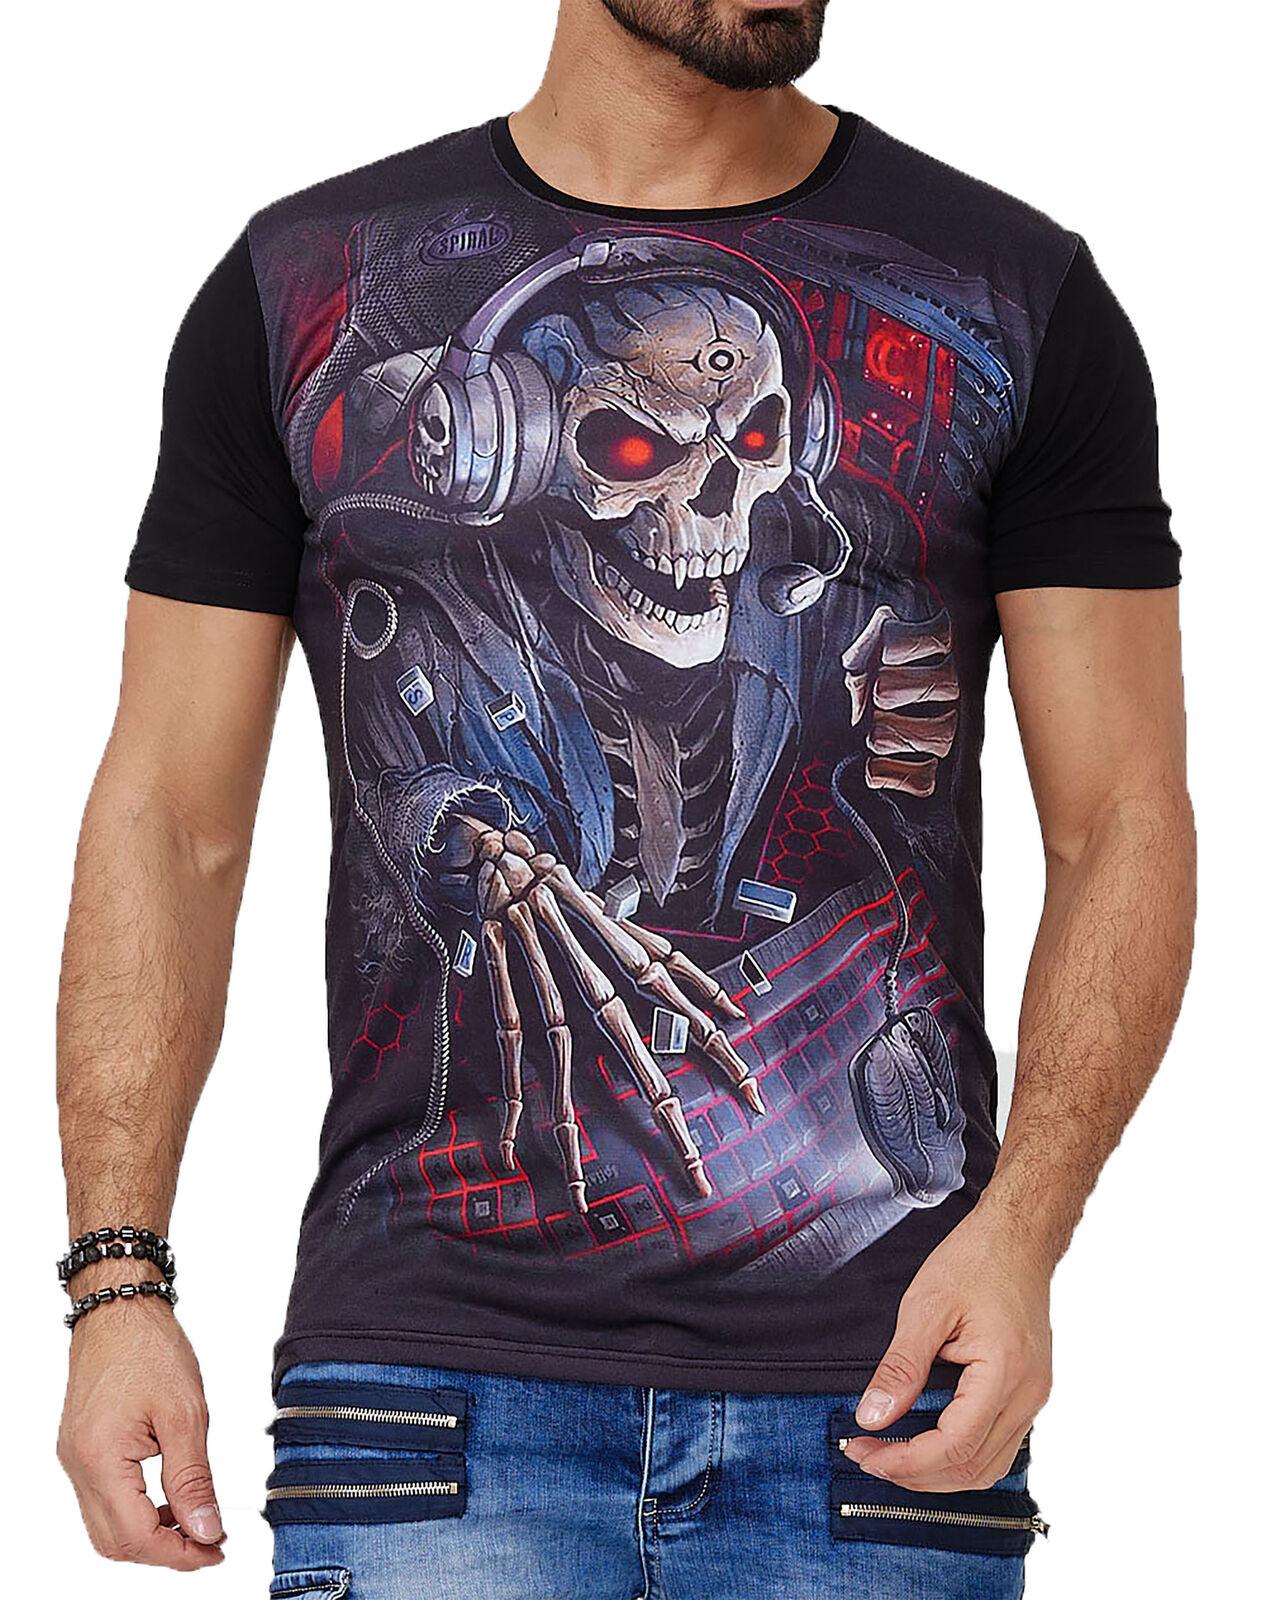 Herren T-Shirt Skull design Totenkopf Kurzarm Shirt Rundhals TS-1584C John Kayna